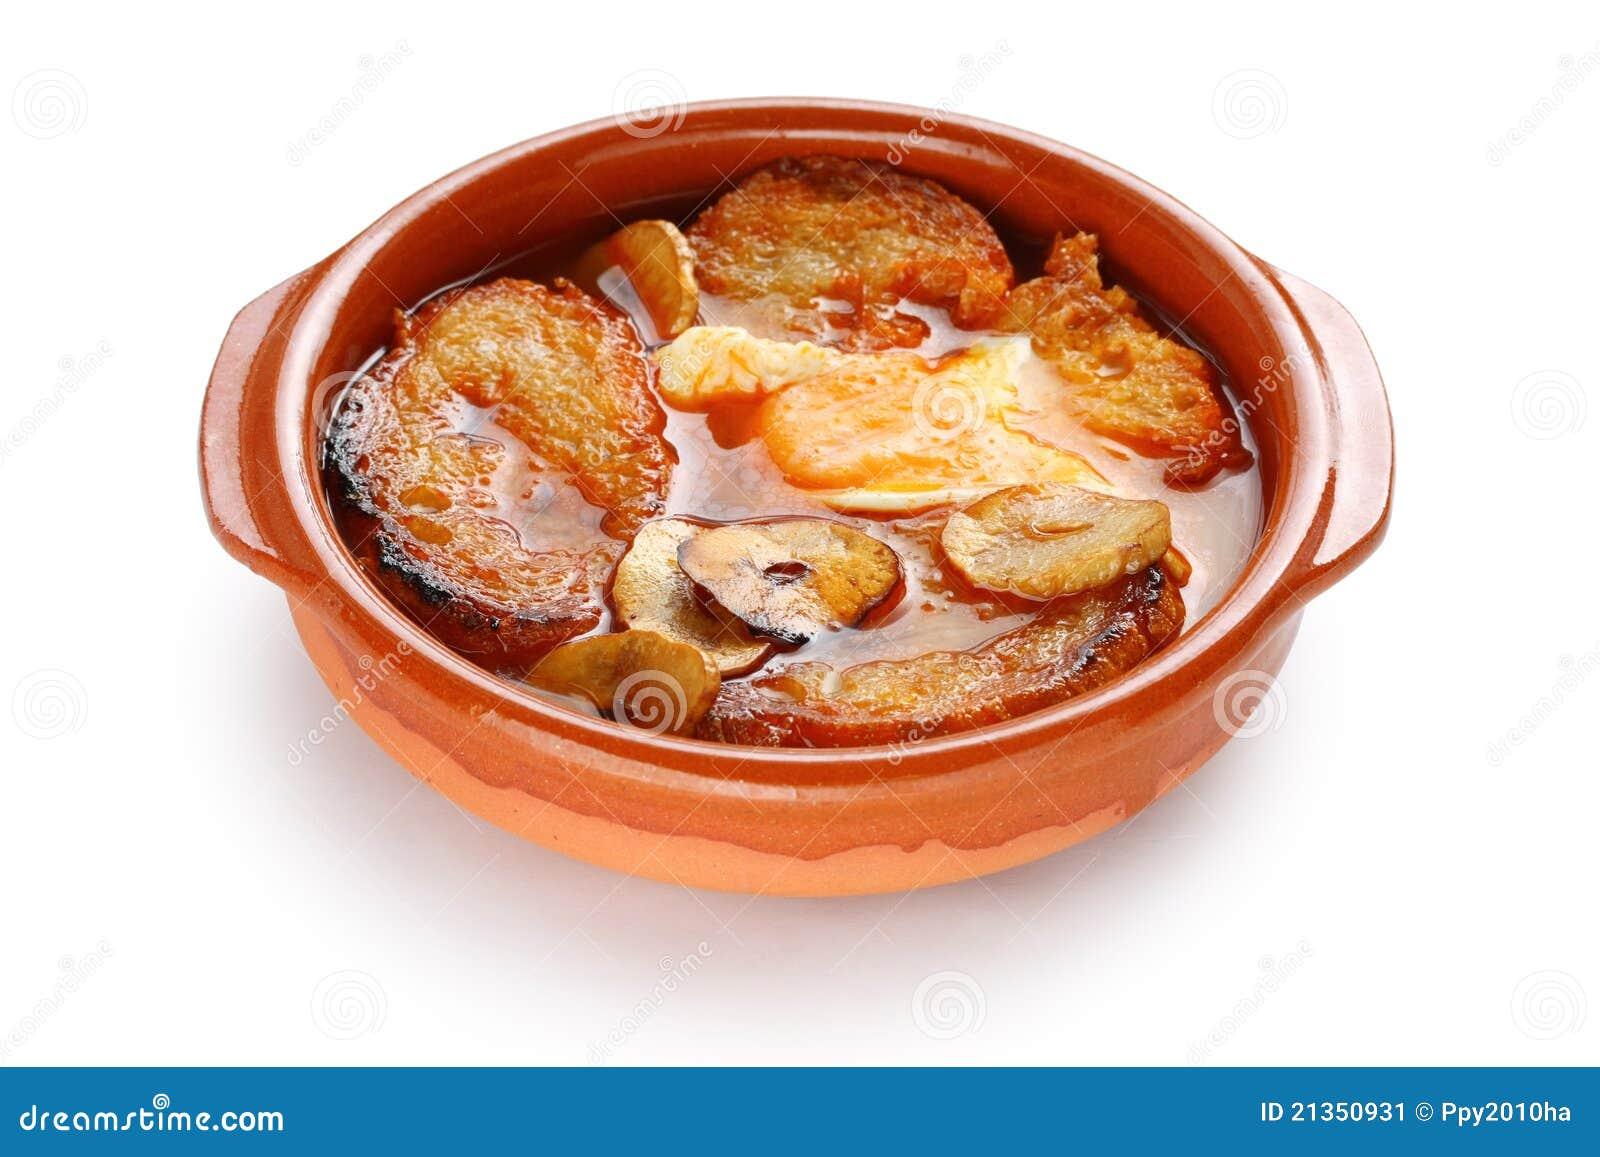 sopa de ajo castellana sopa de ajo garlic soup garlic soup sopa de ajo ...